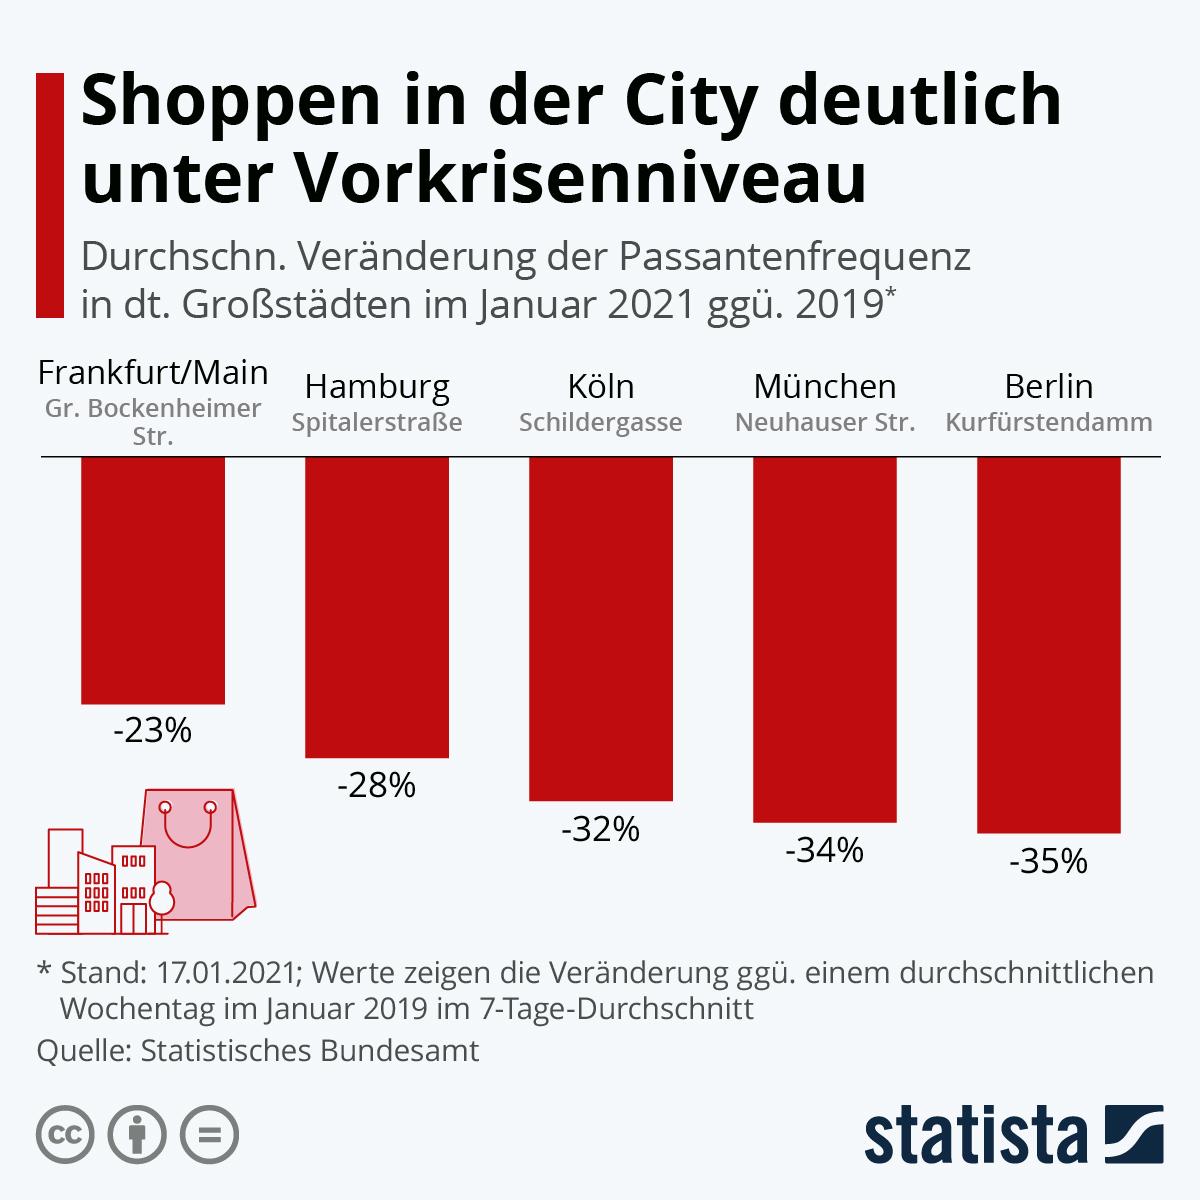 Infografik: Shoppen in der City weiter unter Vorkrisenniveau | Statista